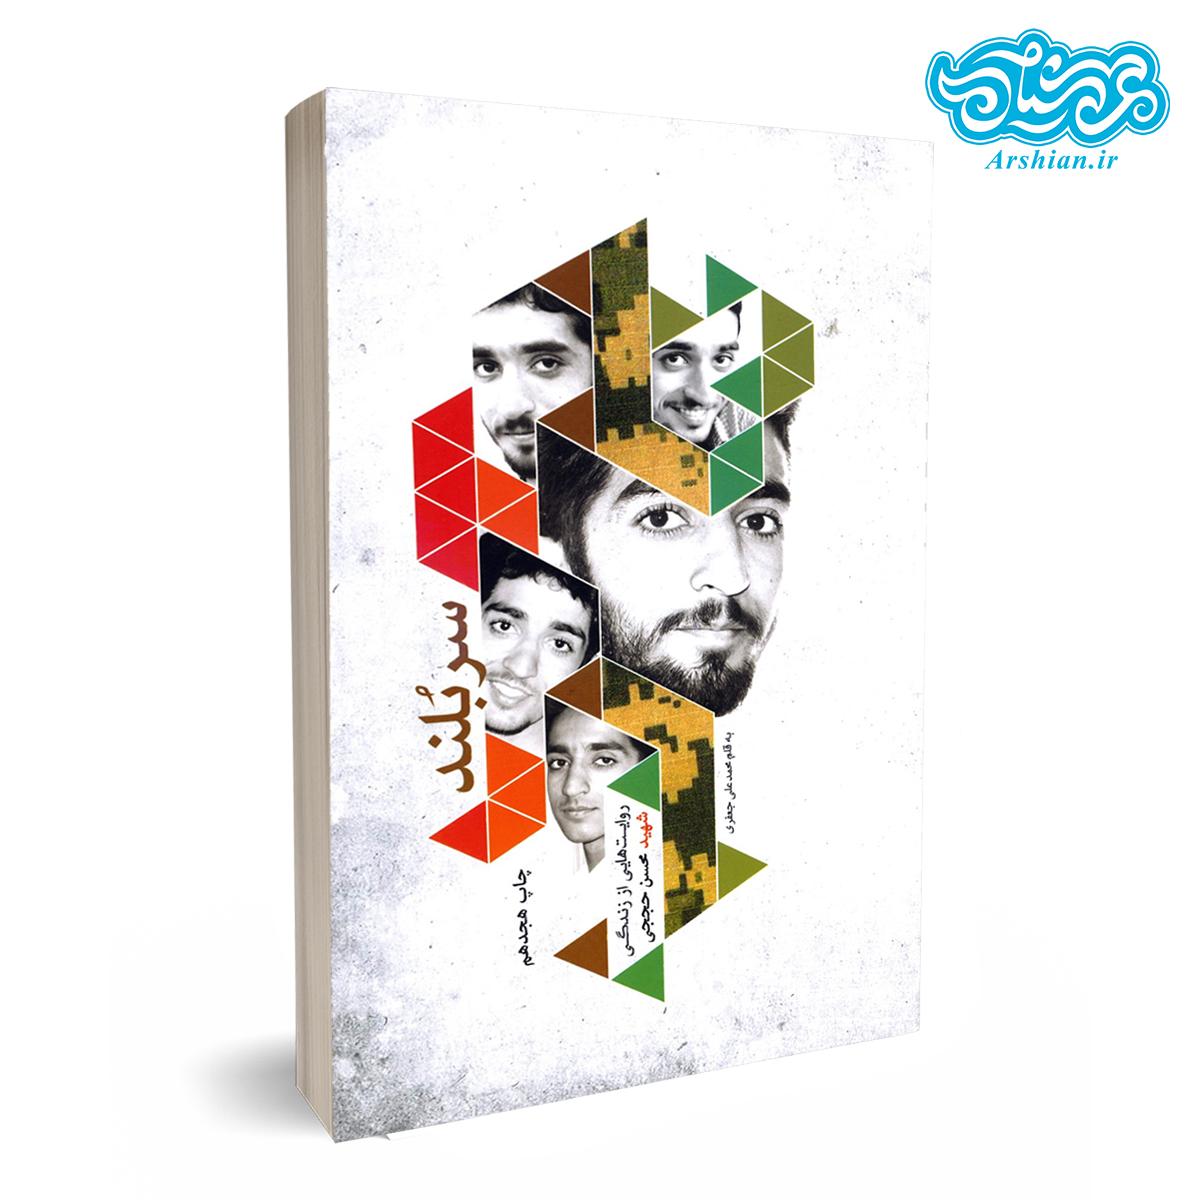 کتاب سربلند - (روایت زندگی شهید مدافع حرم محسن حججی)